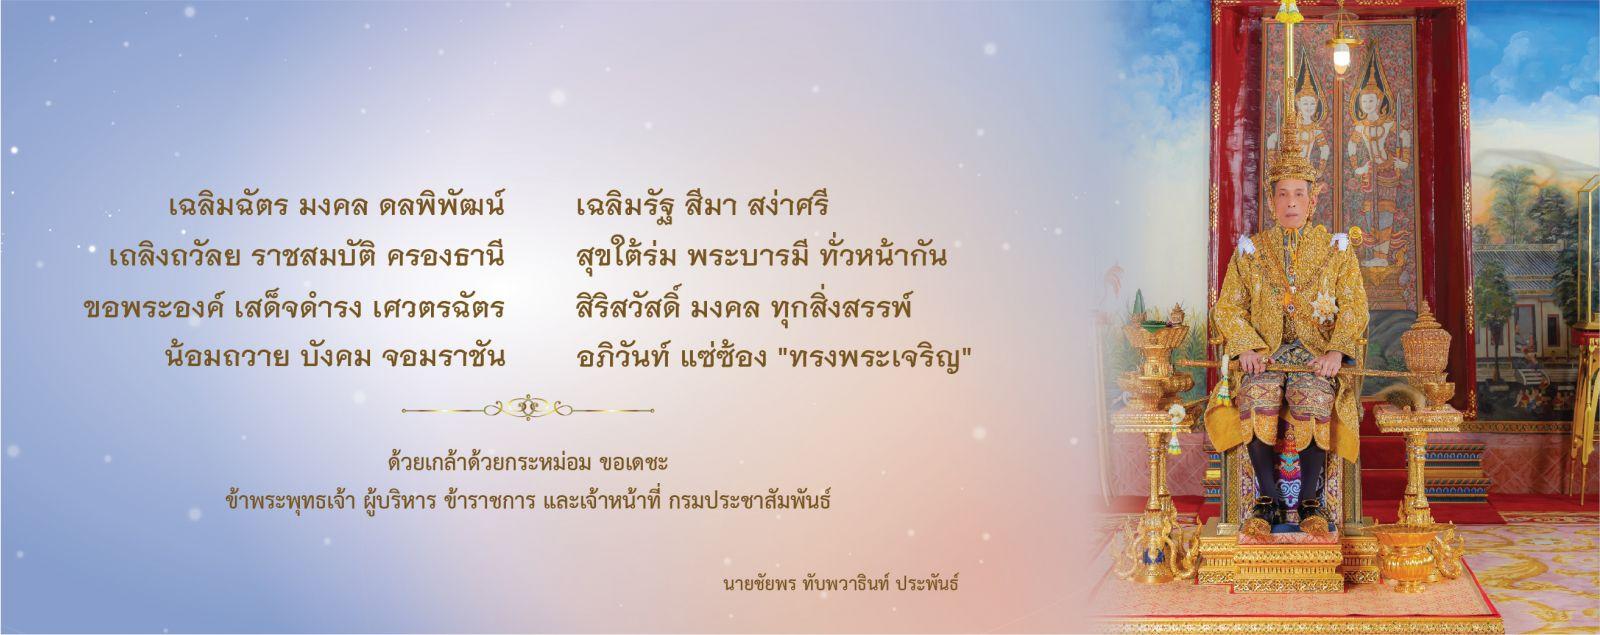 วันฉัตรมงคล พุทธศักราช ๒๕๖๓ | พระราชพิธีบรมราชาภิเษก